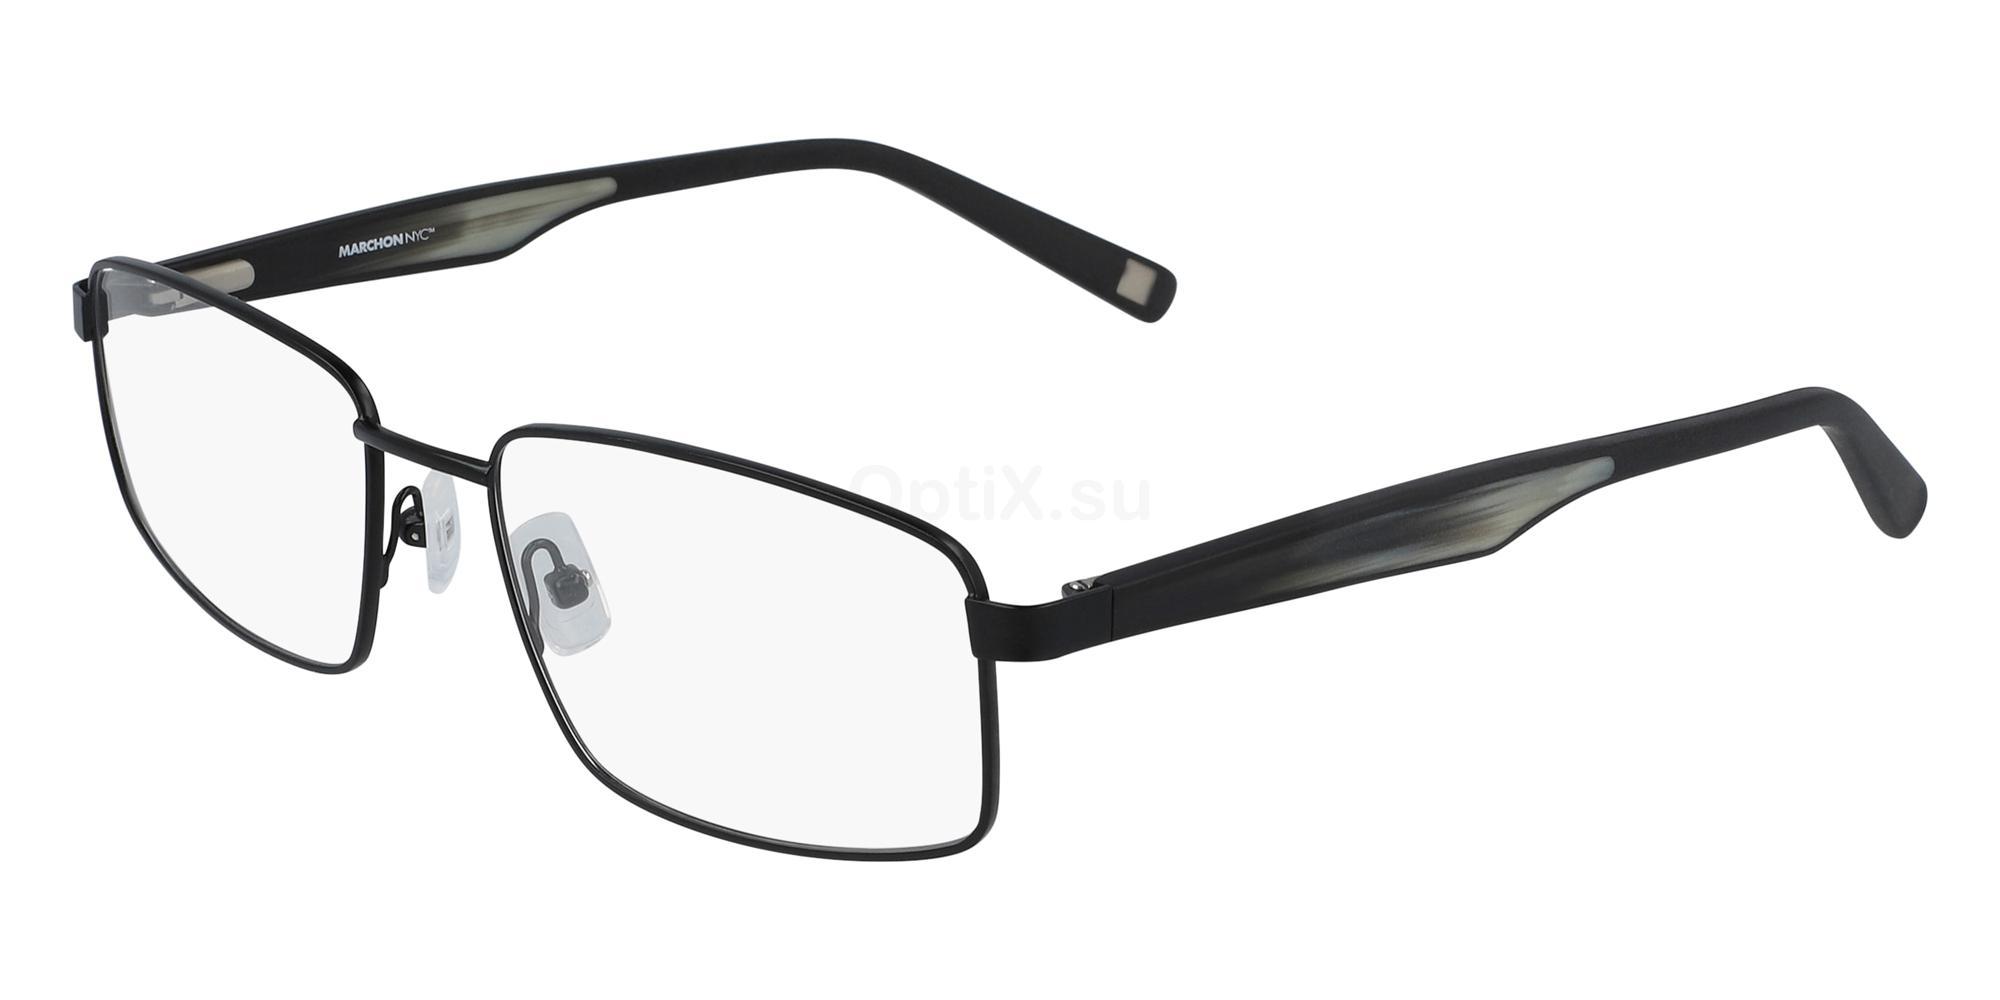 001 M-2012 Glasses, Marchon